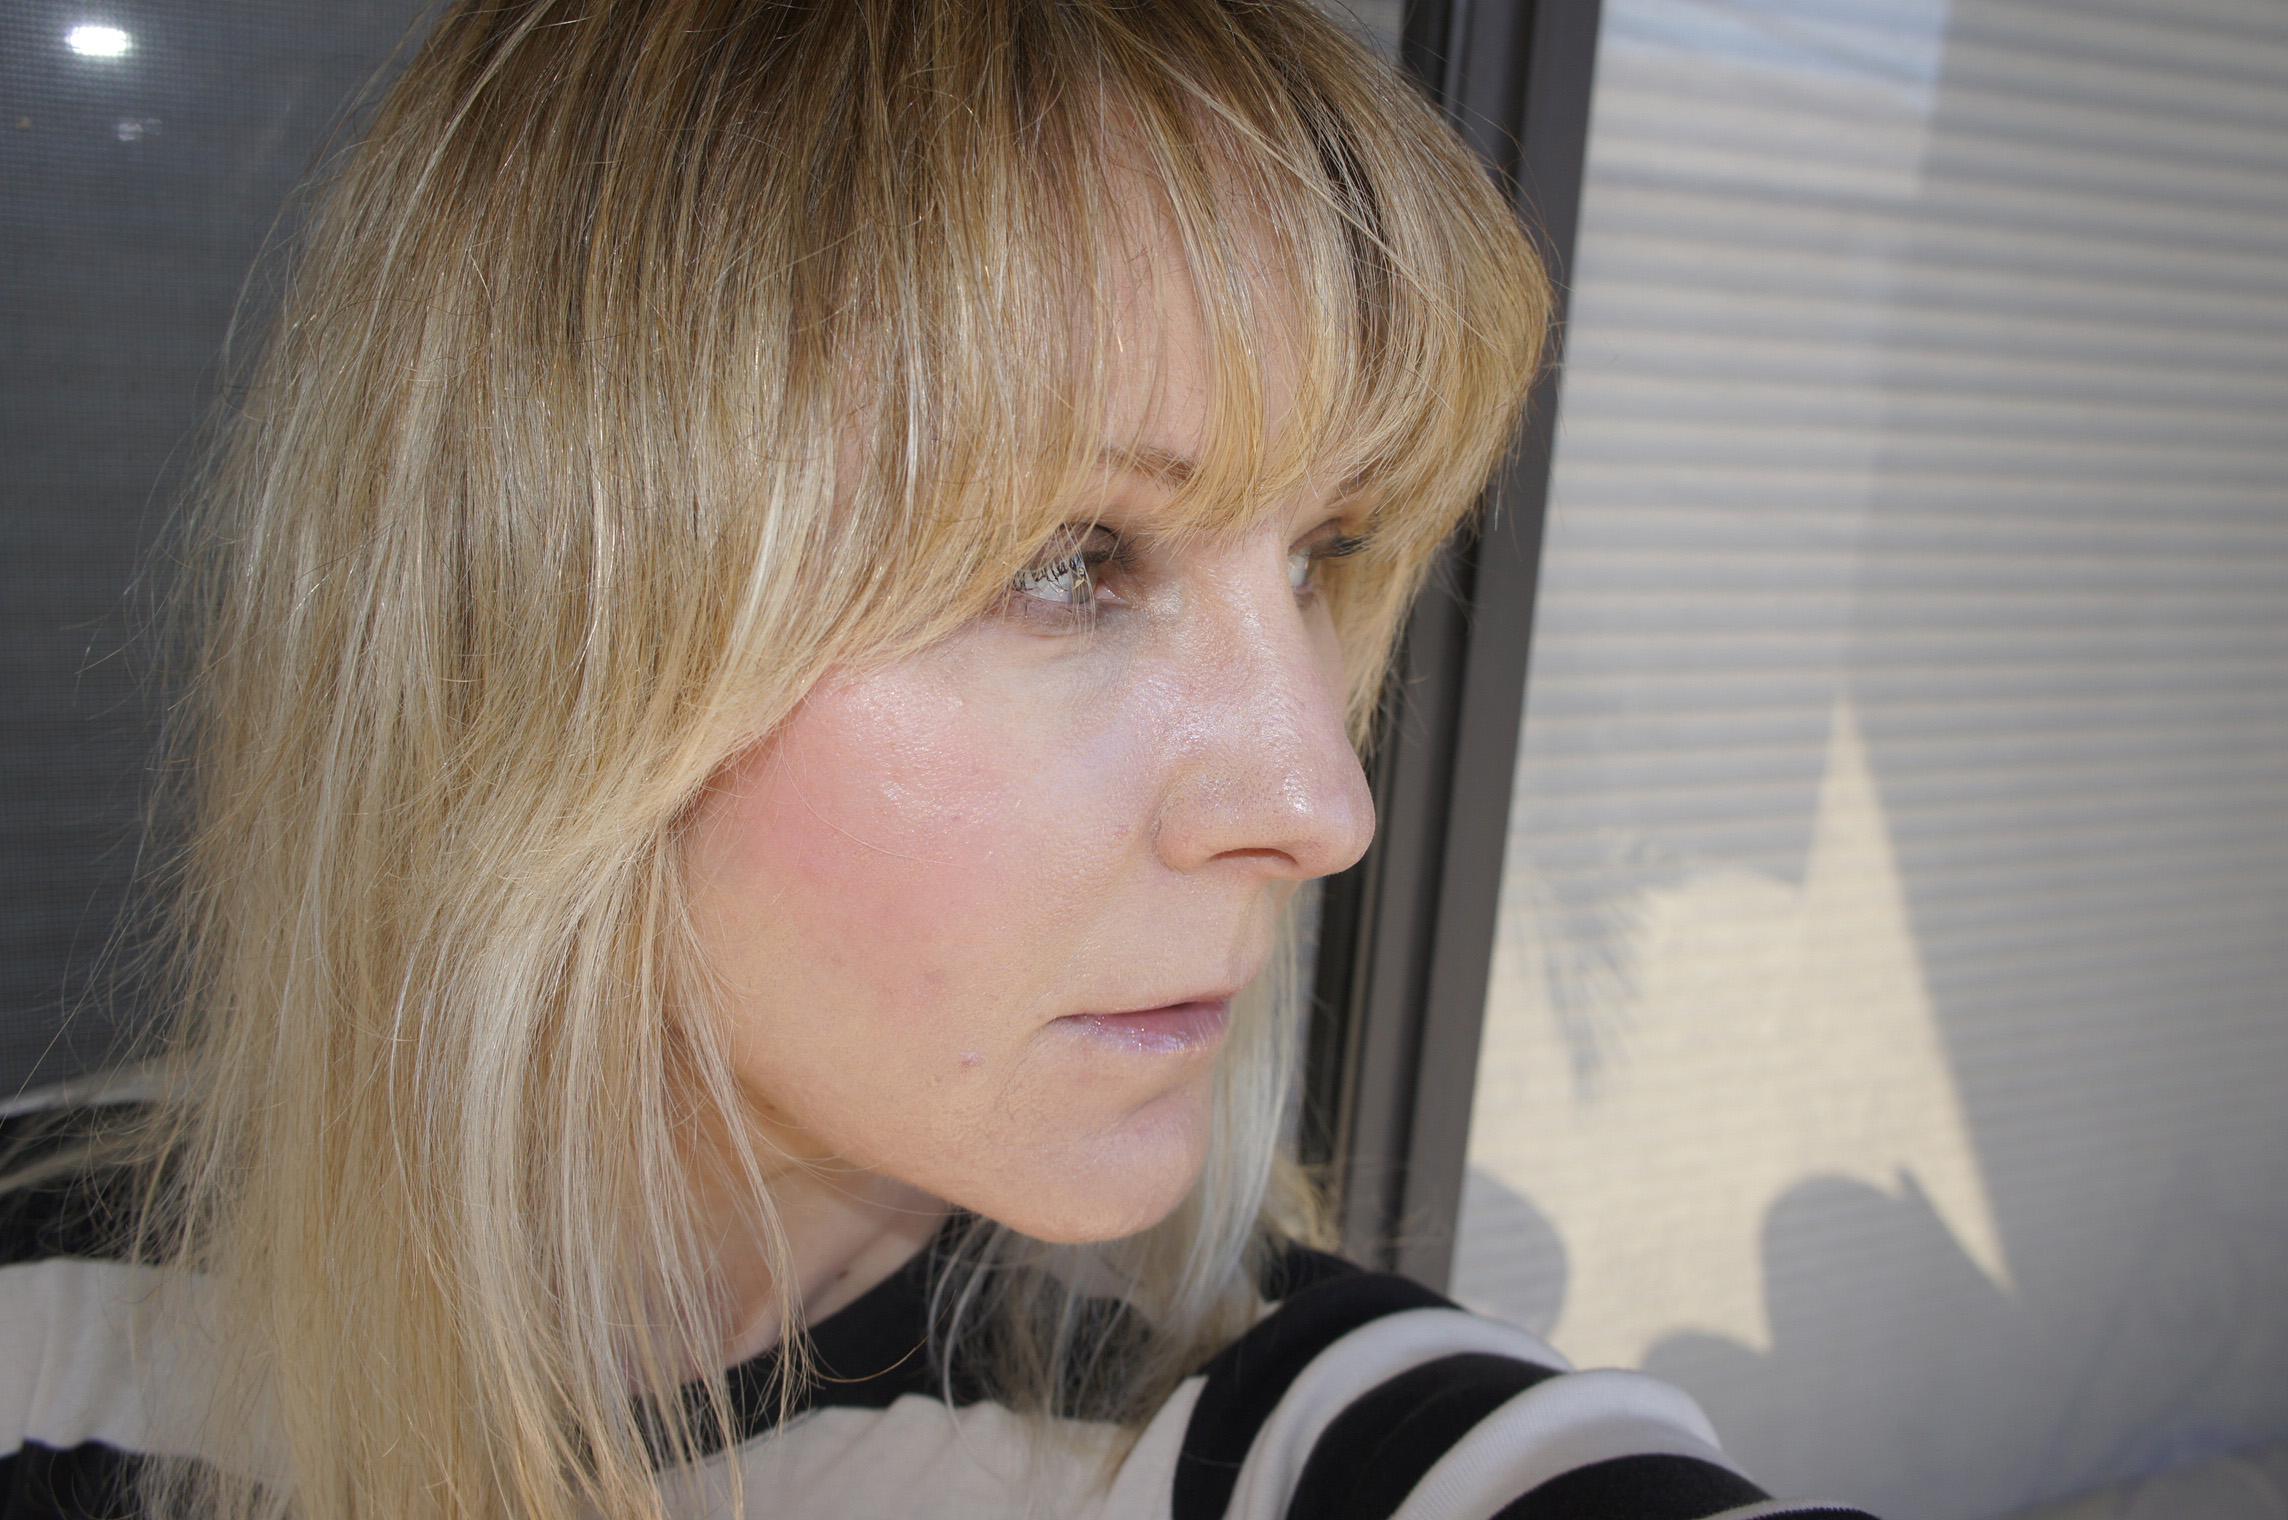 Фотографии красивых девушек со спины с русыми волосами 7 фотография